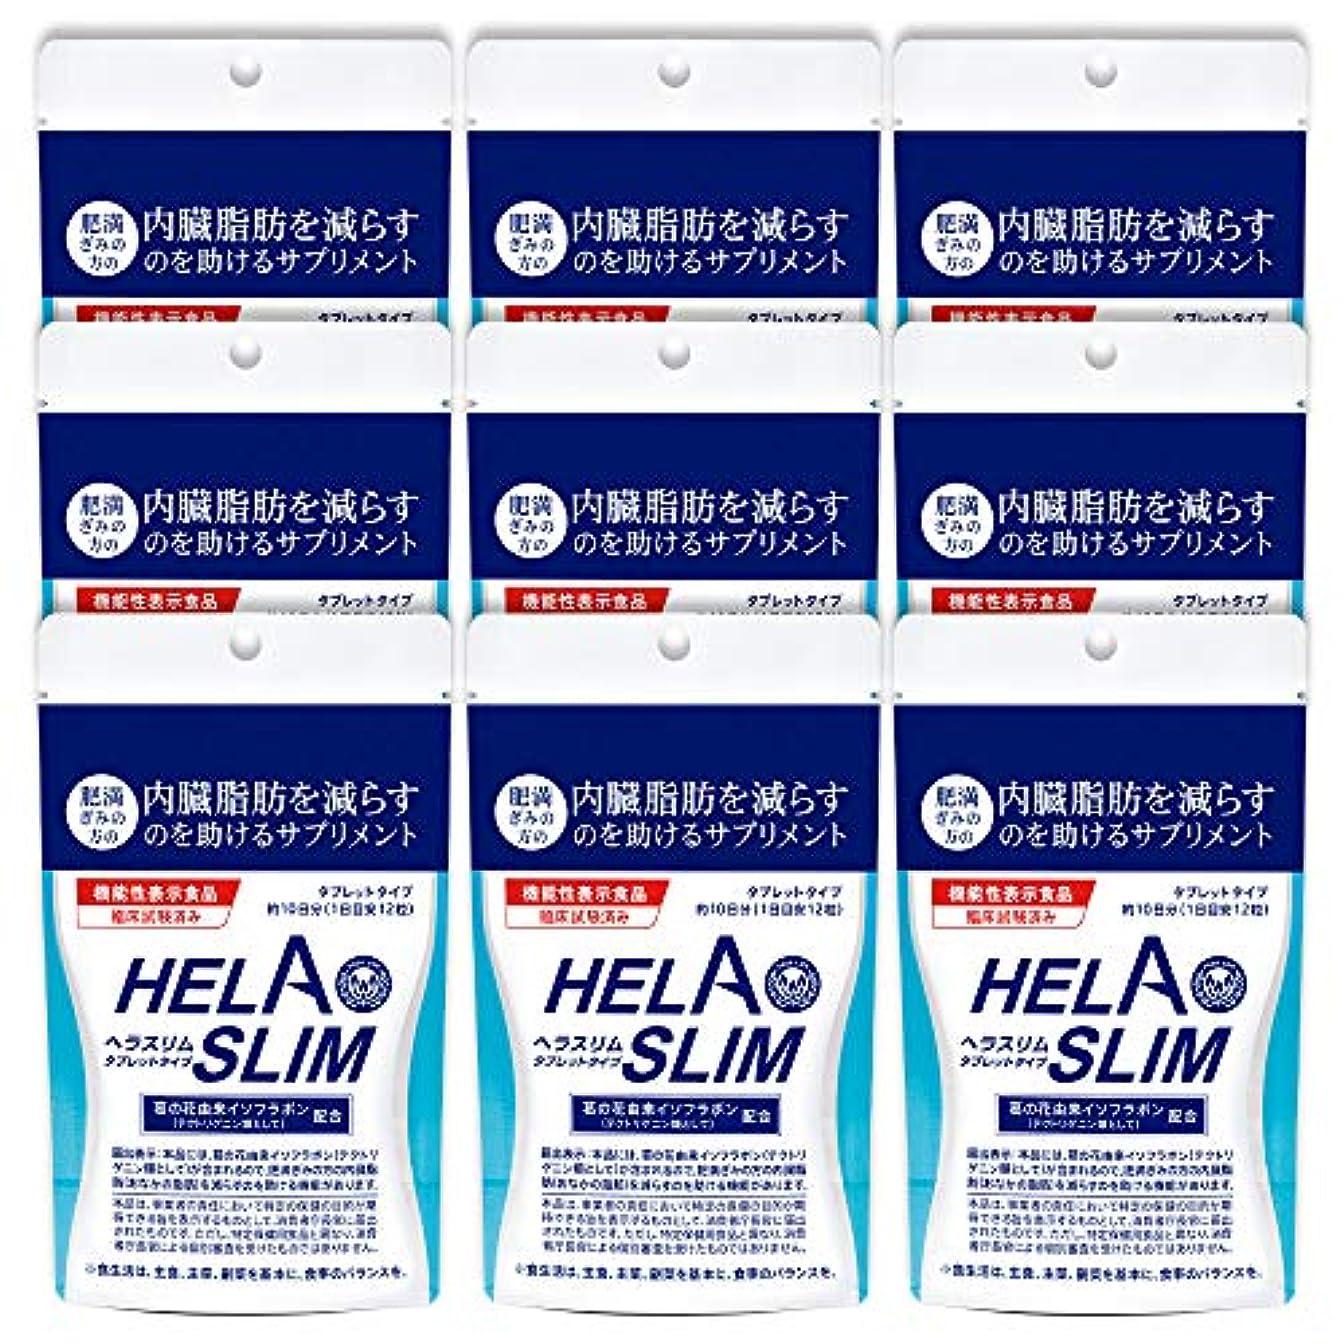 ダイヤルヘビ散逸【9袋セット】HELASLIM(120粒入り)アルミパック